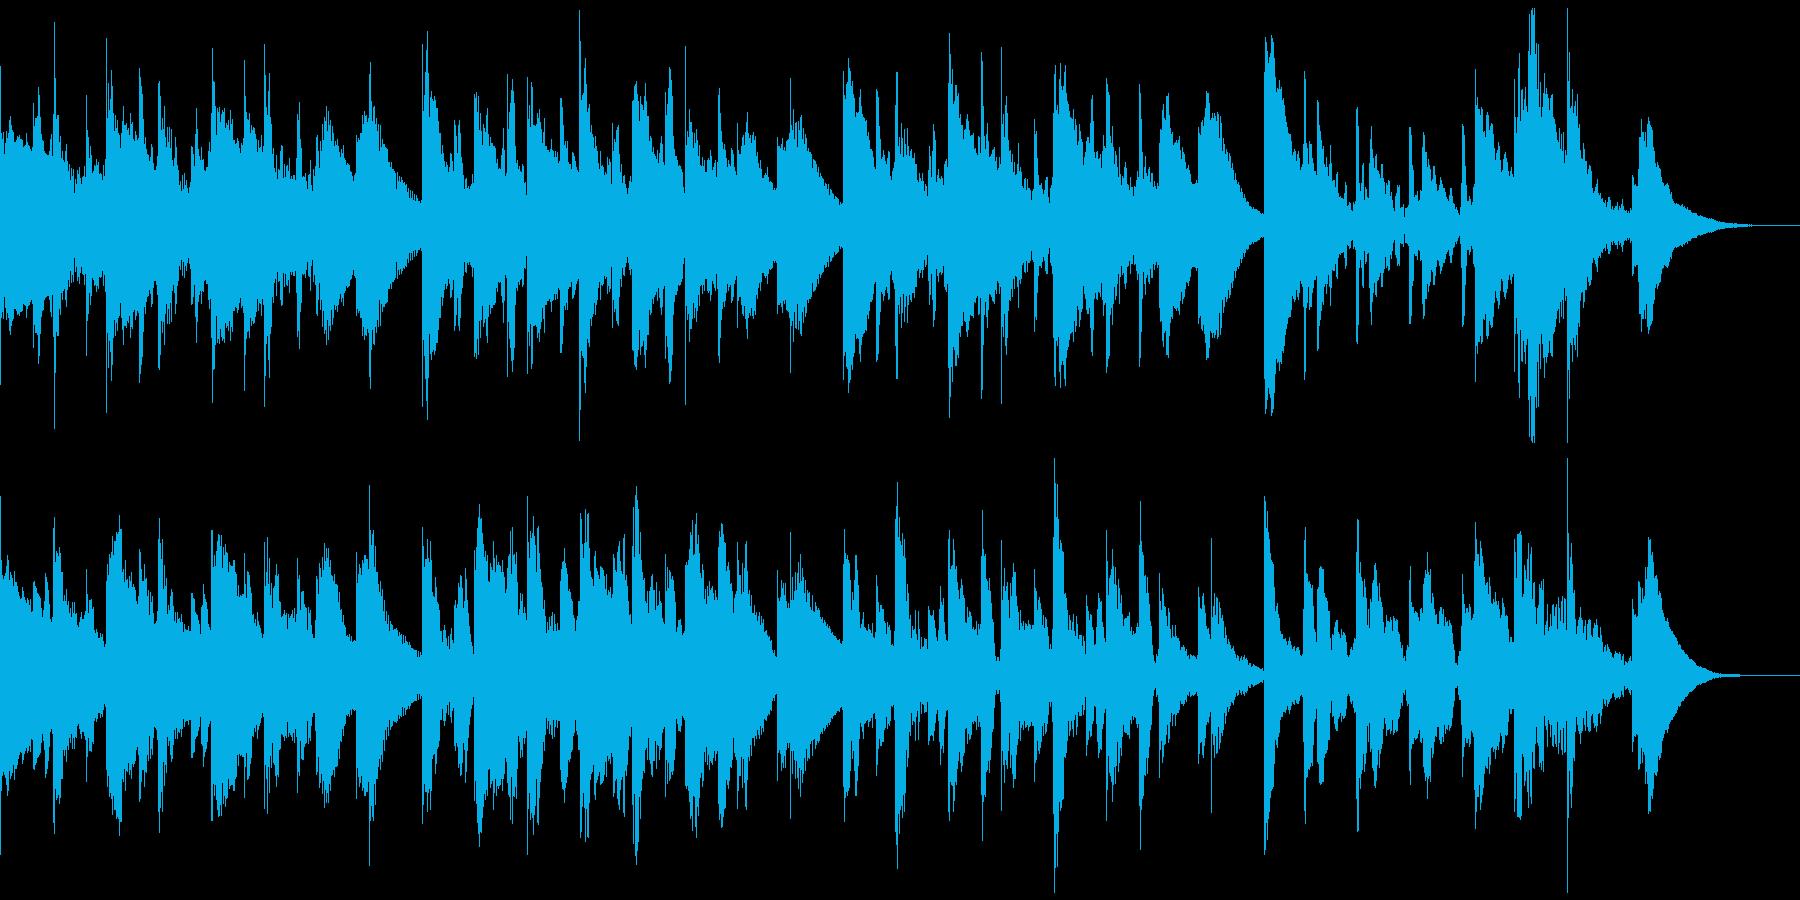 マリンバのほんわか15秒ジングル の再生済みの波形